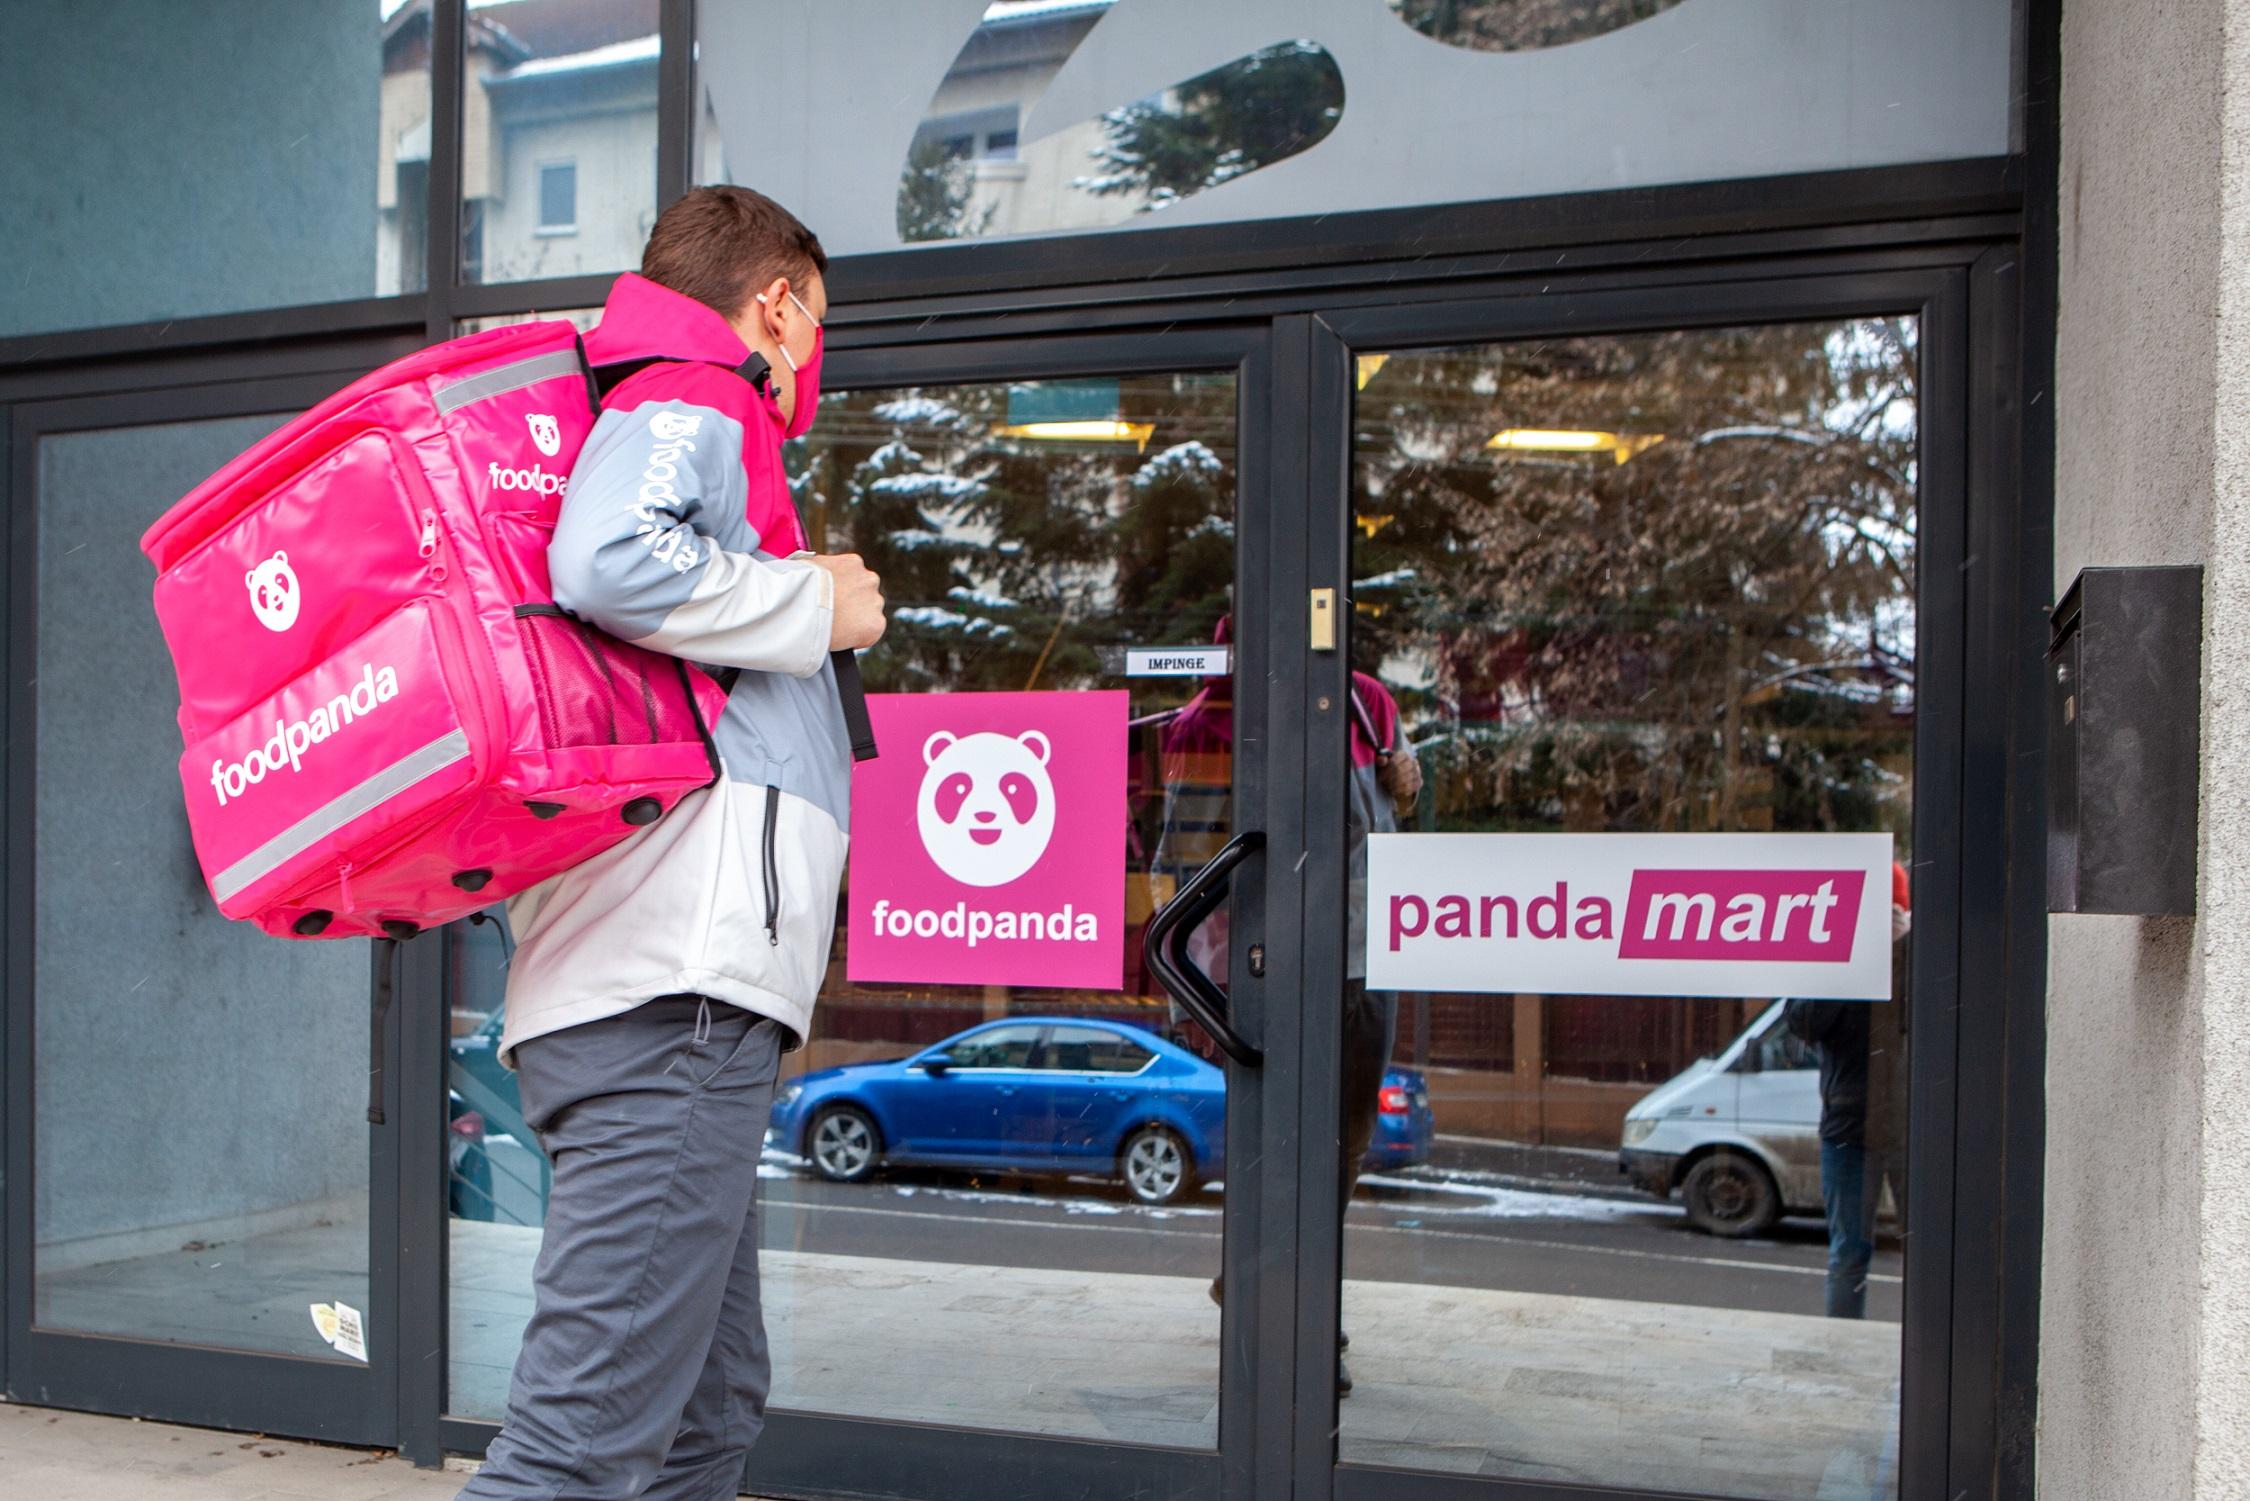 foodpanda România anunță un concept de magazine proprii pentru cumparături rapide, din care livrarea se va face în maximum 30 de minute